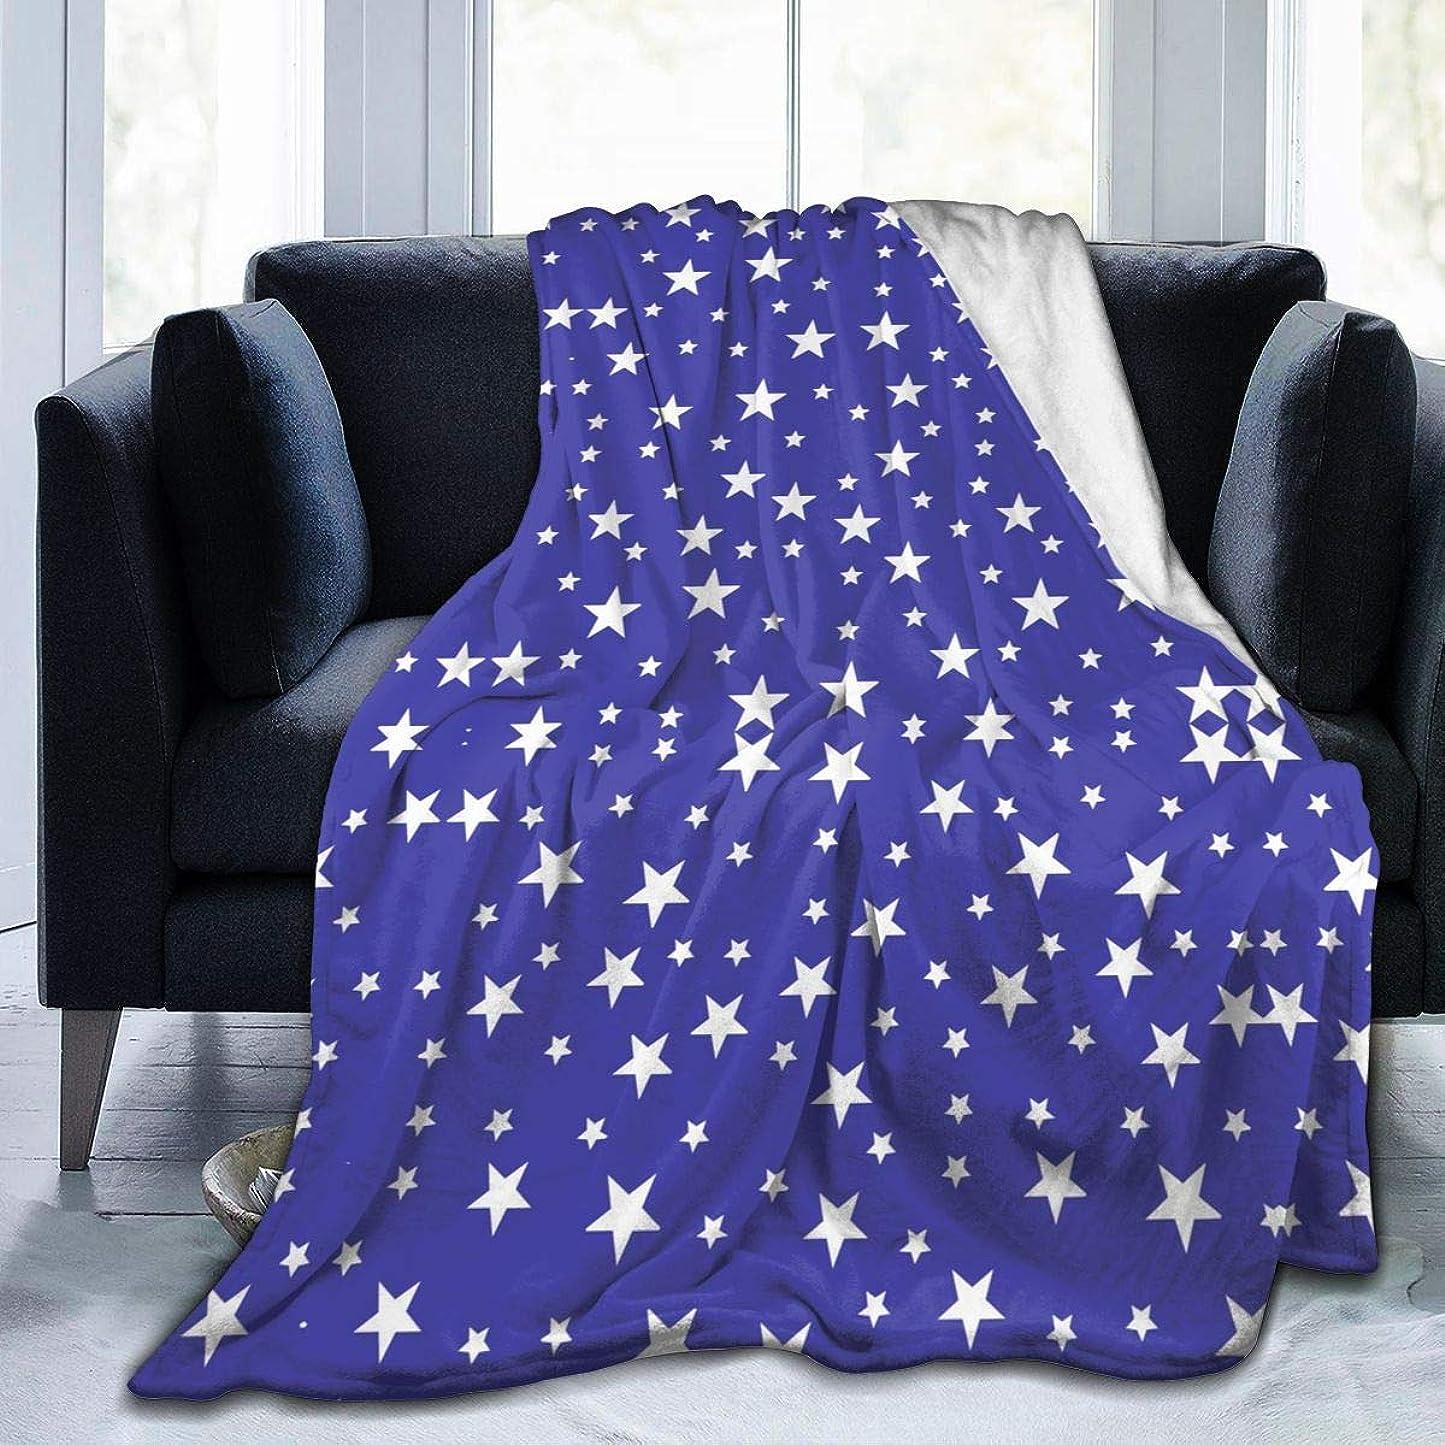 全国きしむ従来のひざ掛け 毛布 ブランケット 青い星 スター 大判 ふわふわ 厚手 シングル 暖かい 柔らかい 膝掛け 携帯用 車用 オフィス用 防寒対策 冷房対策 お昼寝 通年用 洗える